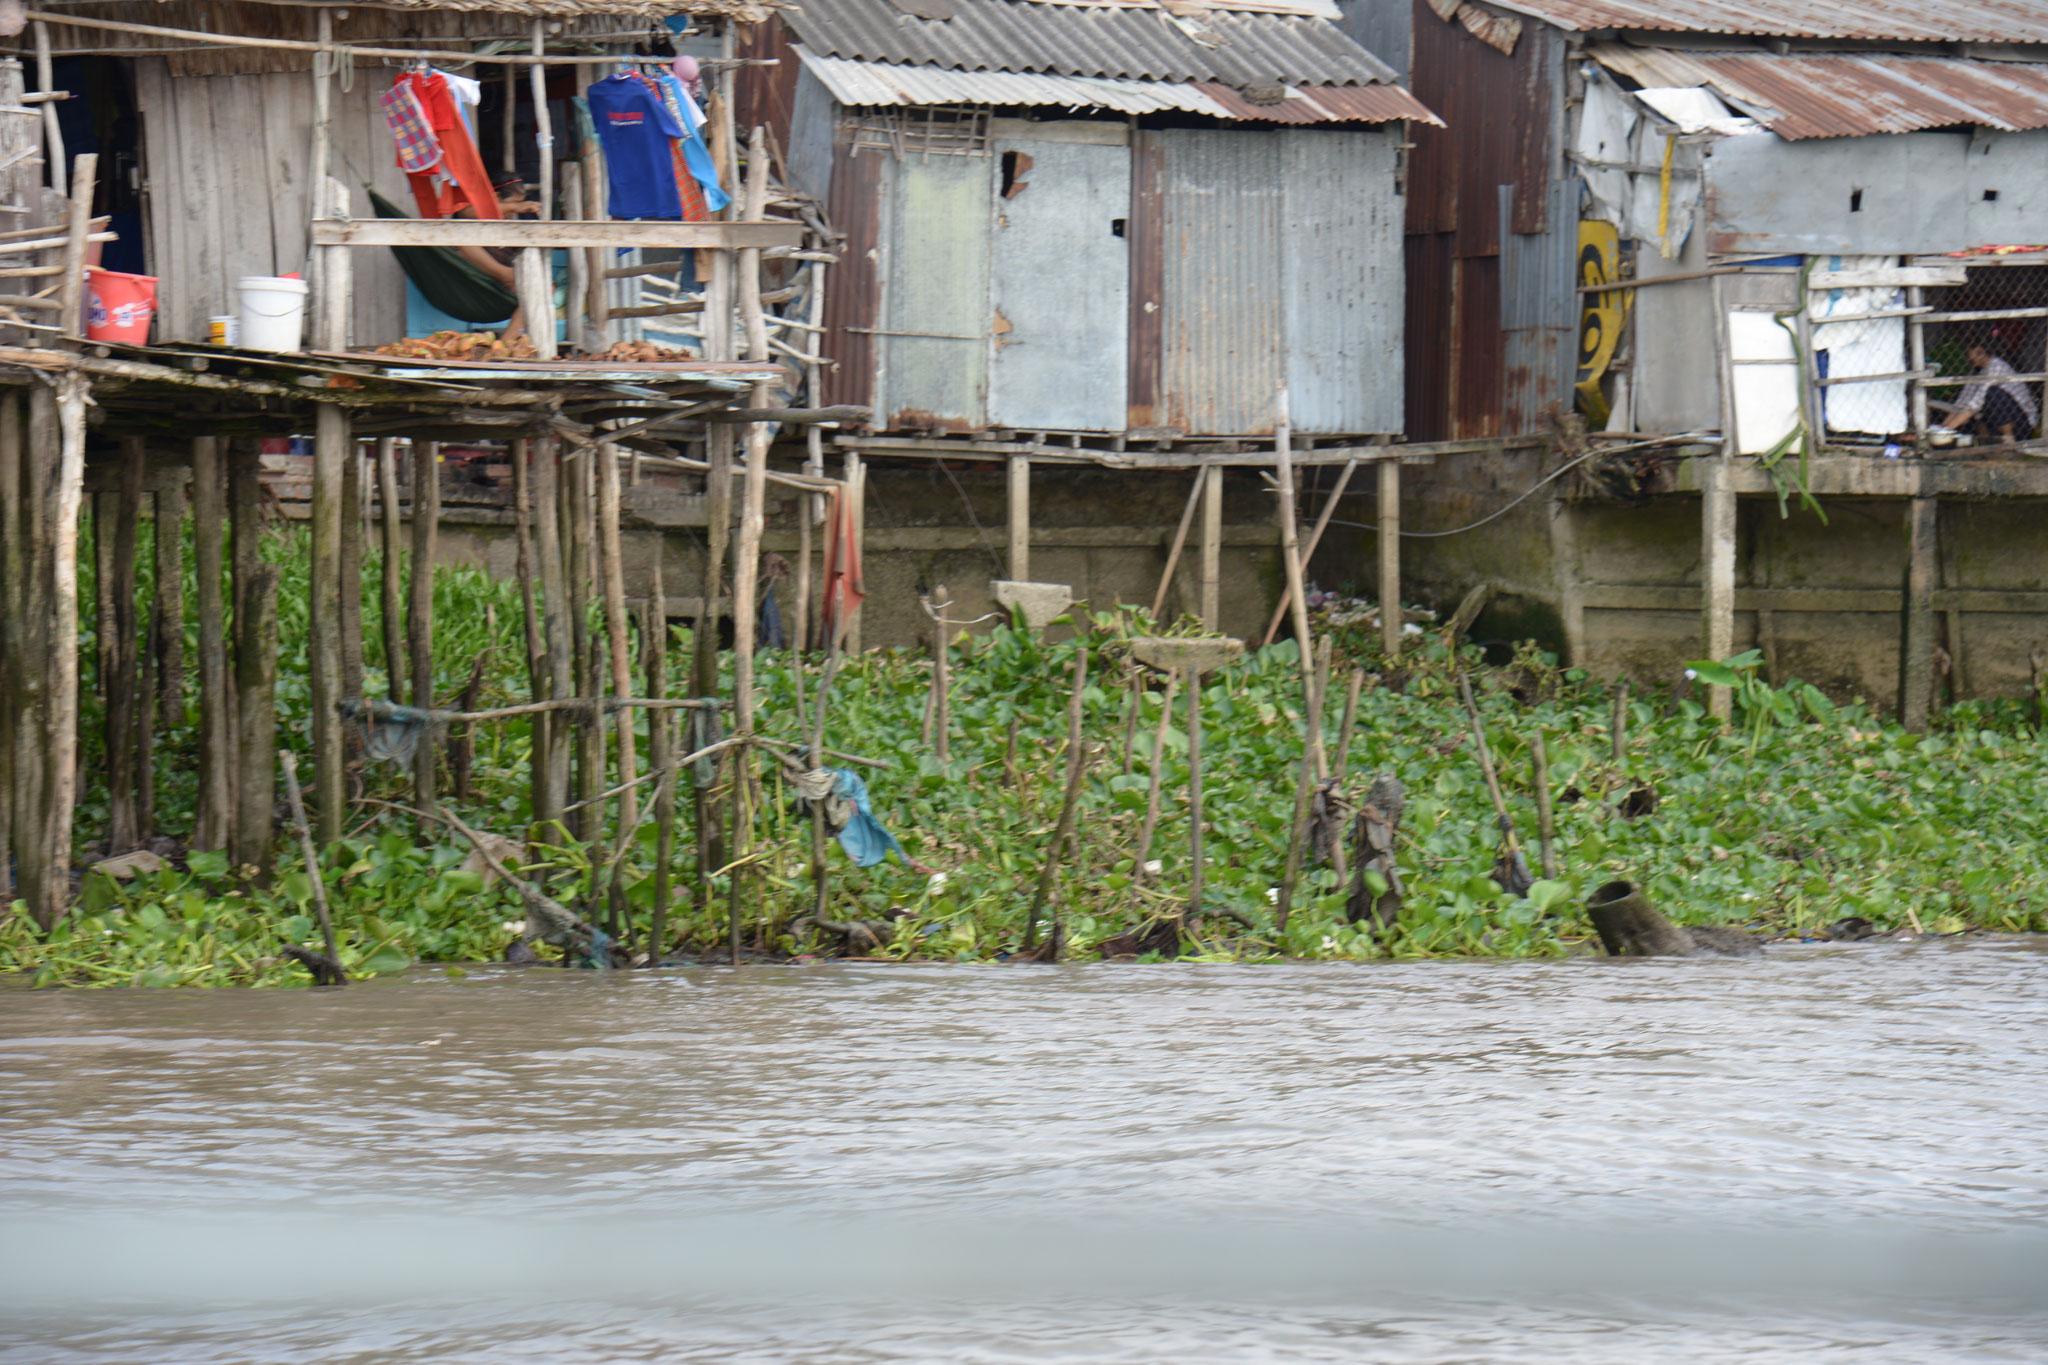 Tag 20 - Bootsausflug zum schwimmenden Markt von Cai Rang